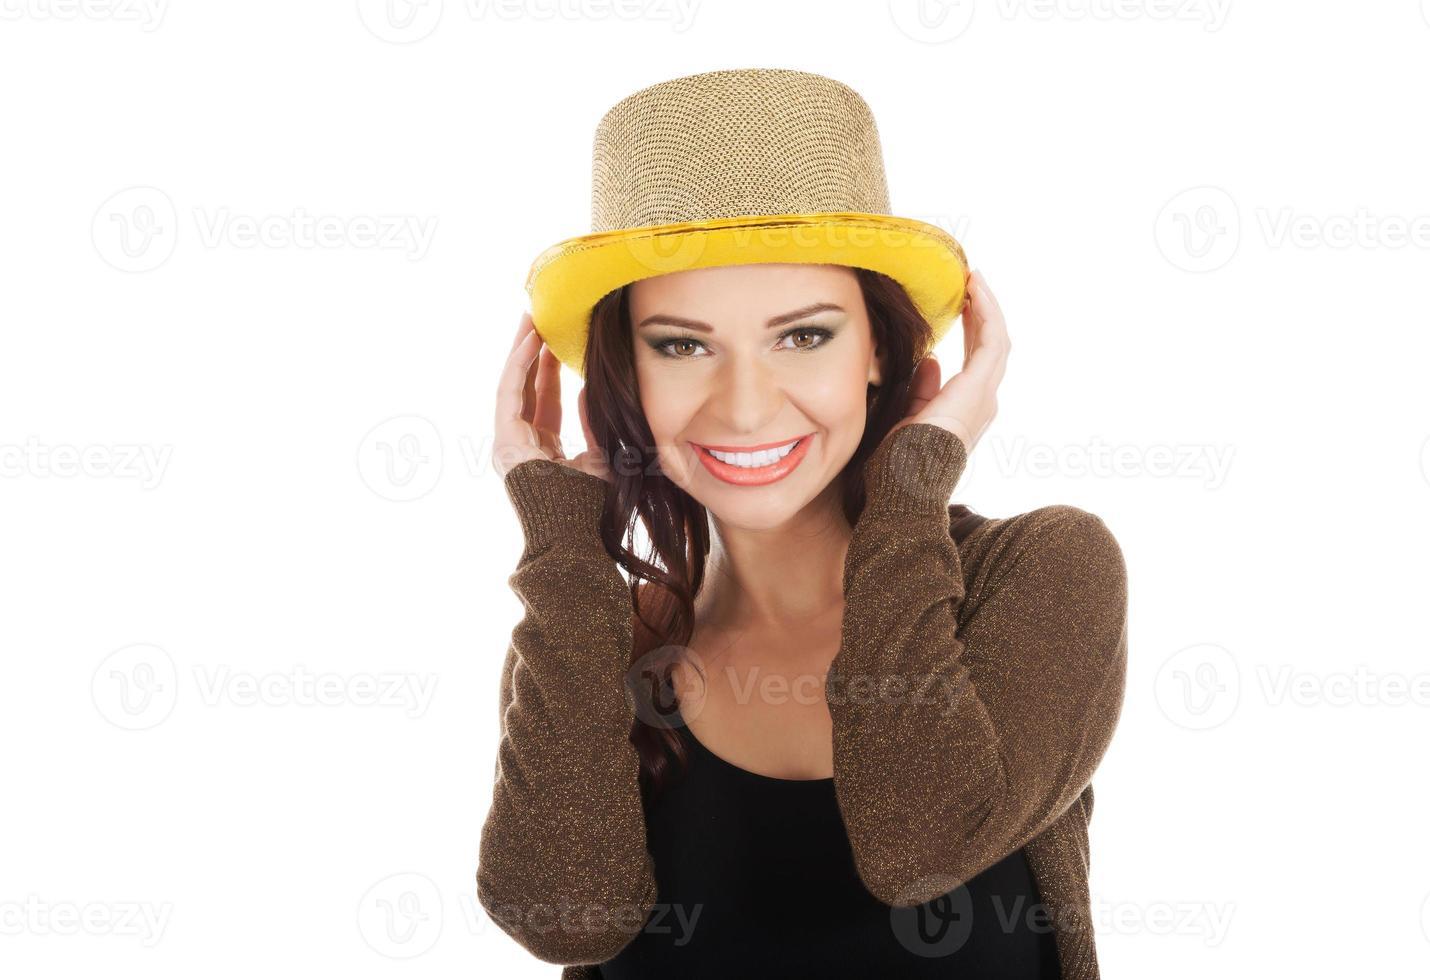 belle femme en robe noire et chapeau doré. photo